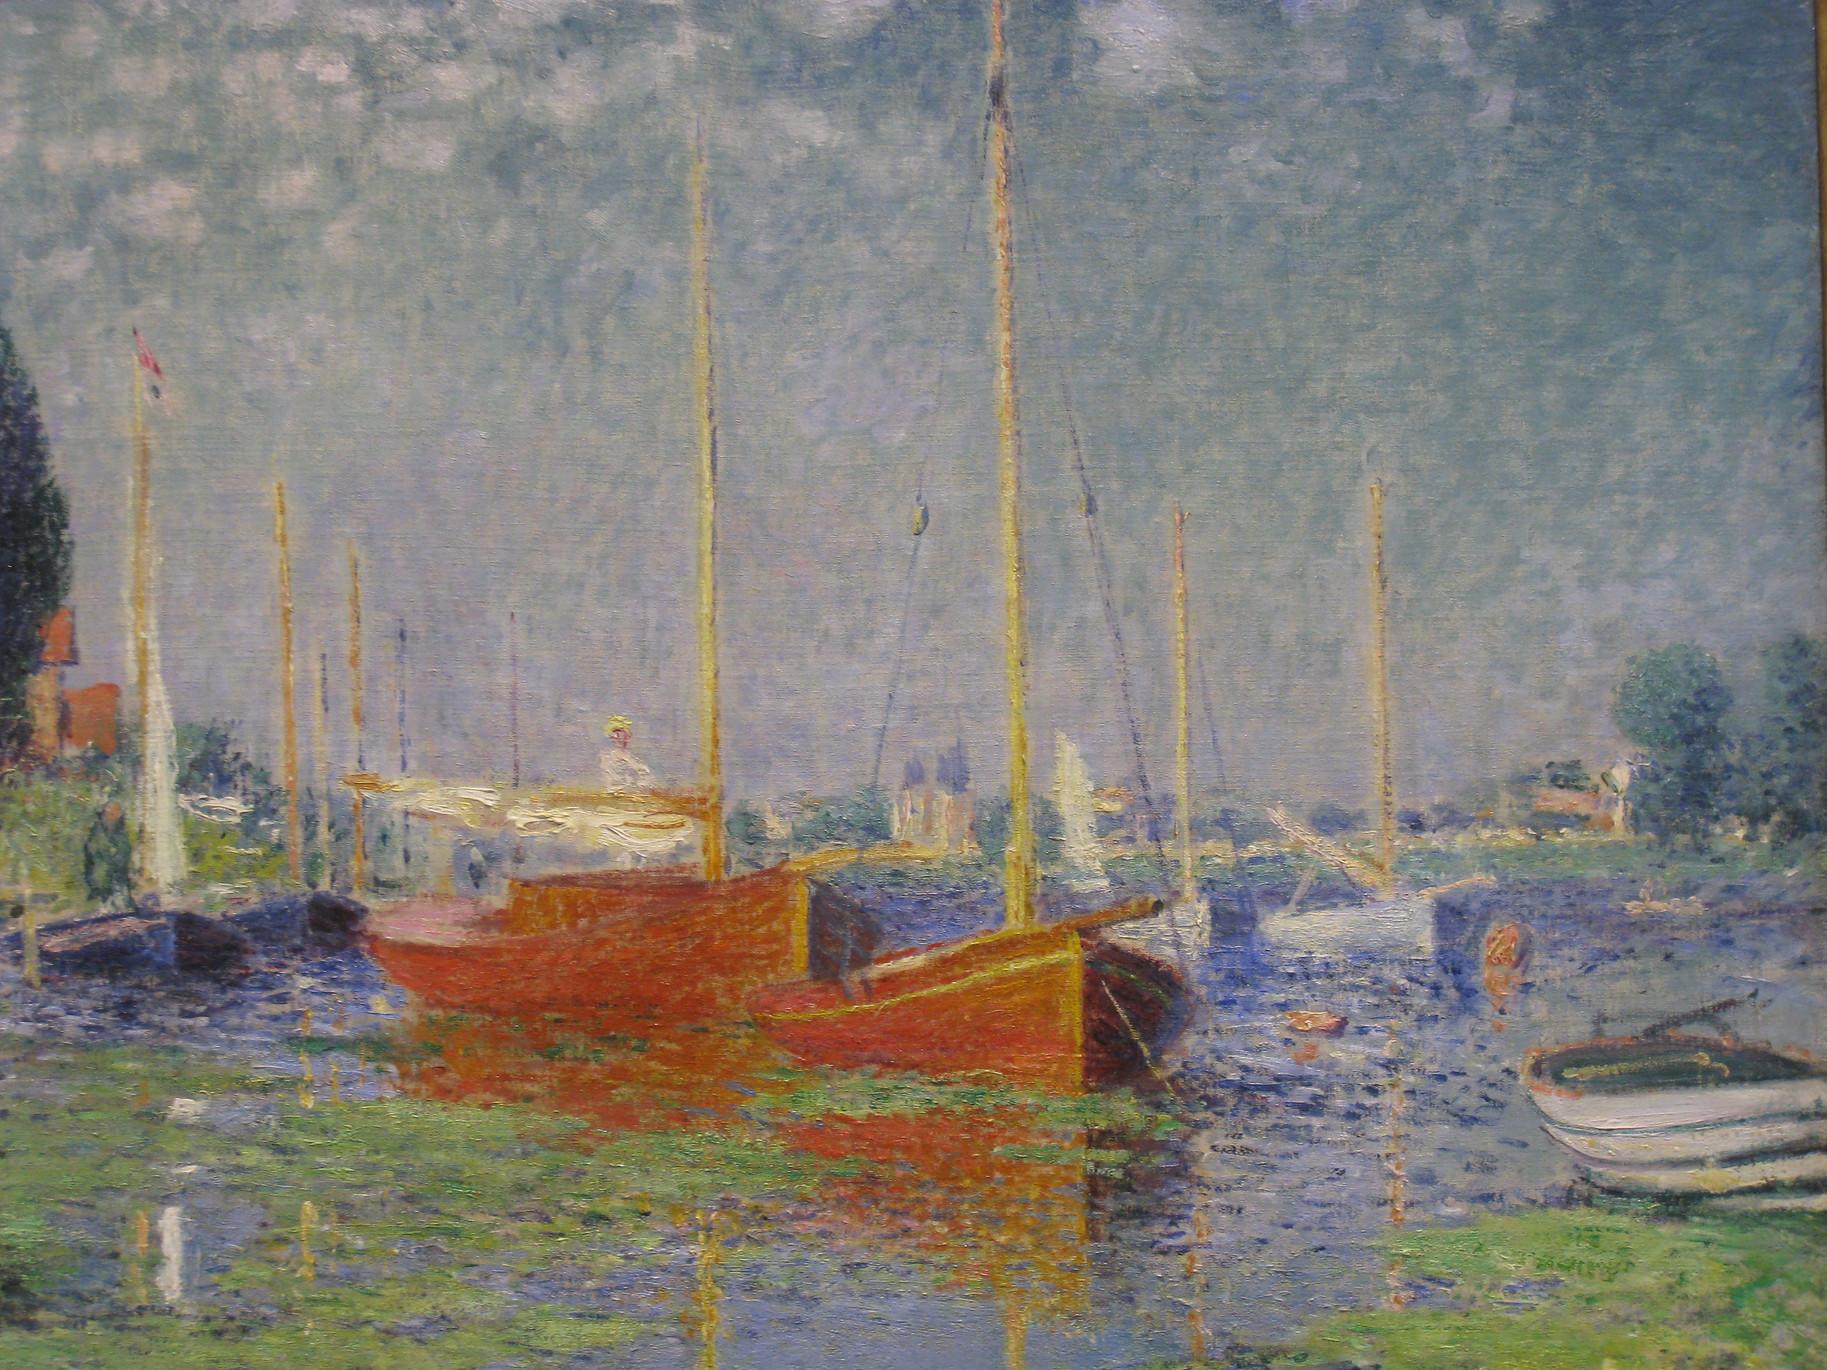 Claude_Monet_les bateaux rouges.jpg